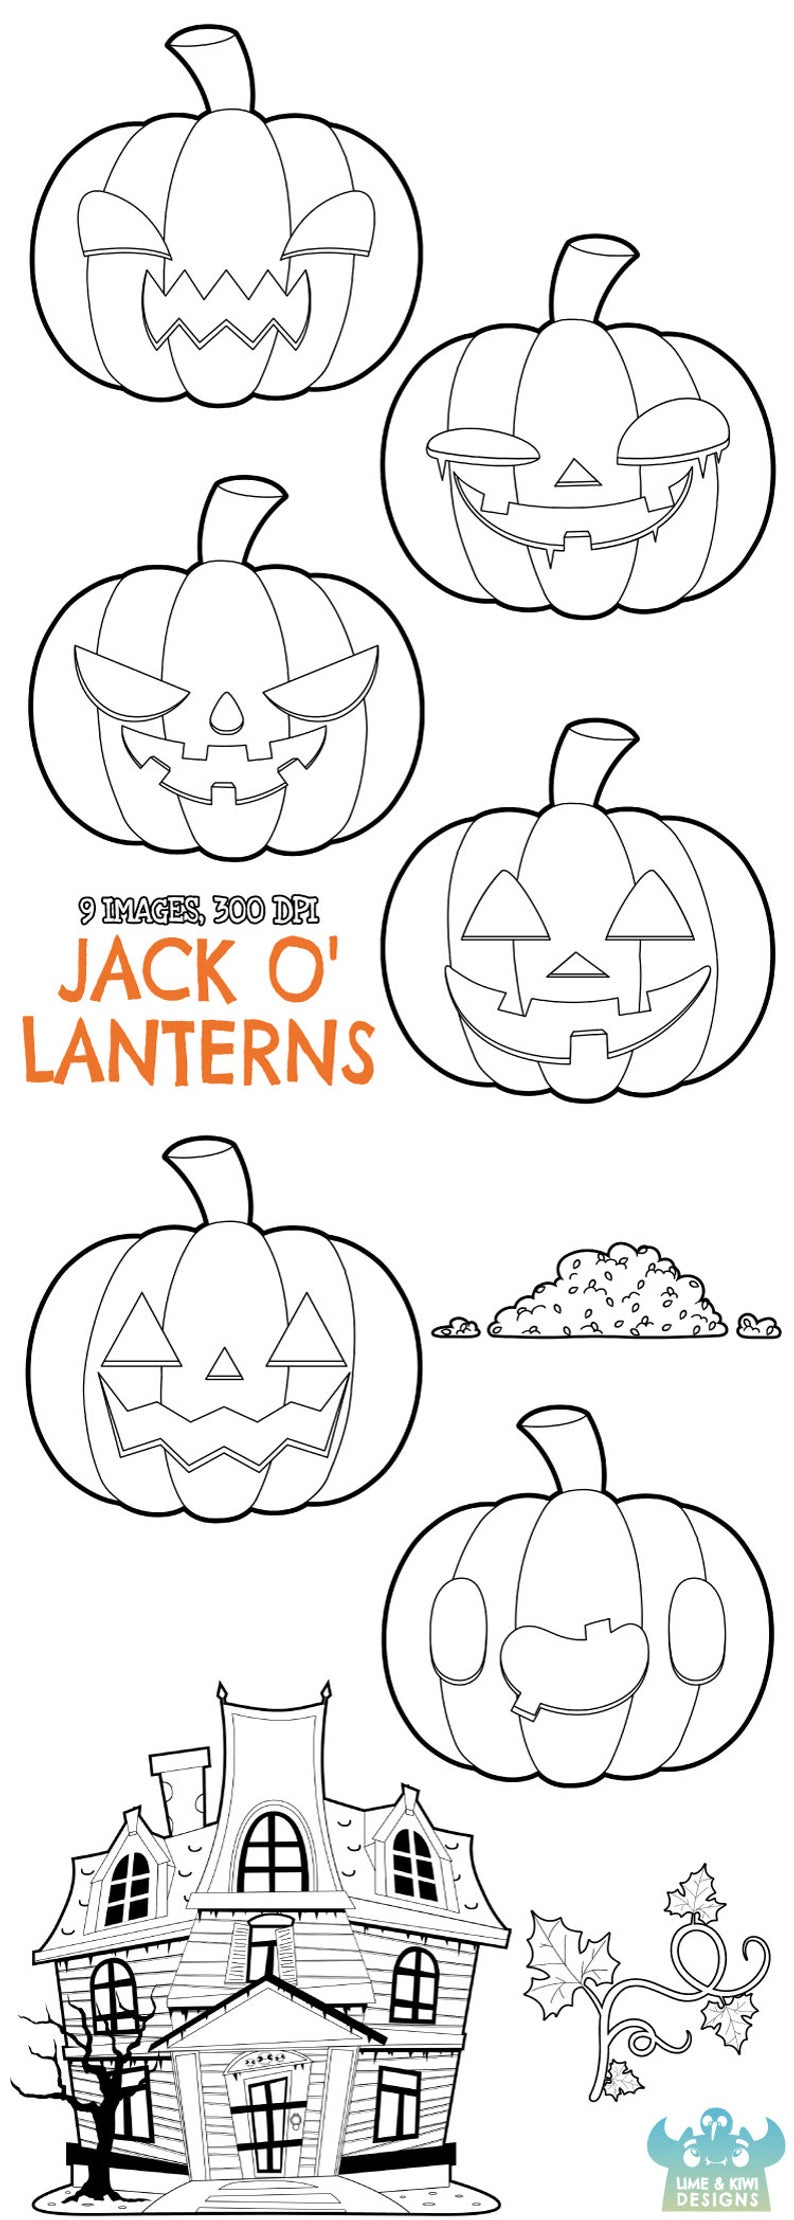 Jack O' Lanterns Digital Stamps, Instant Download Vector